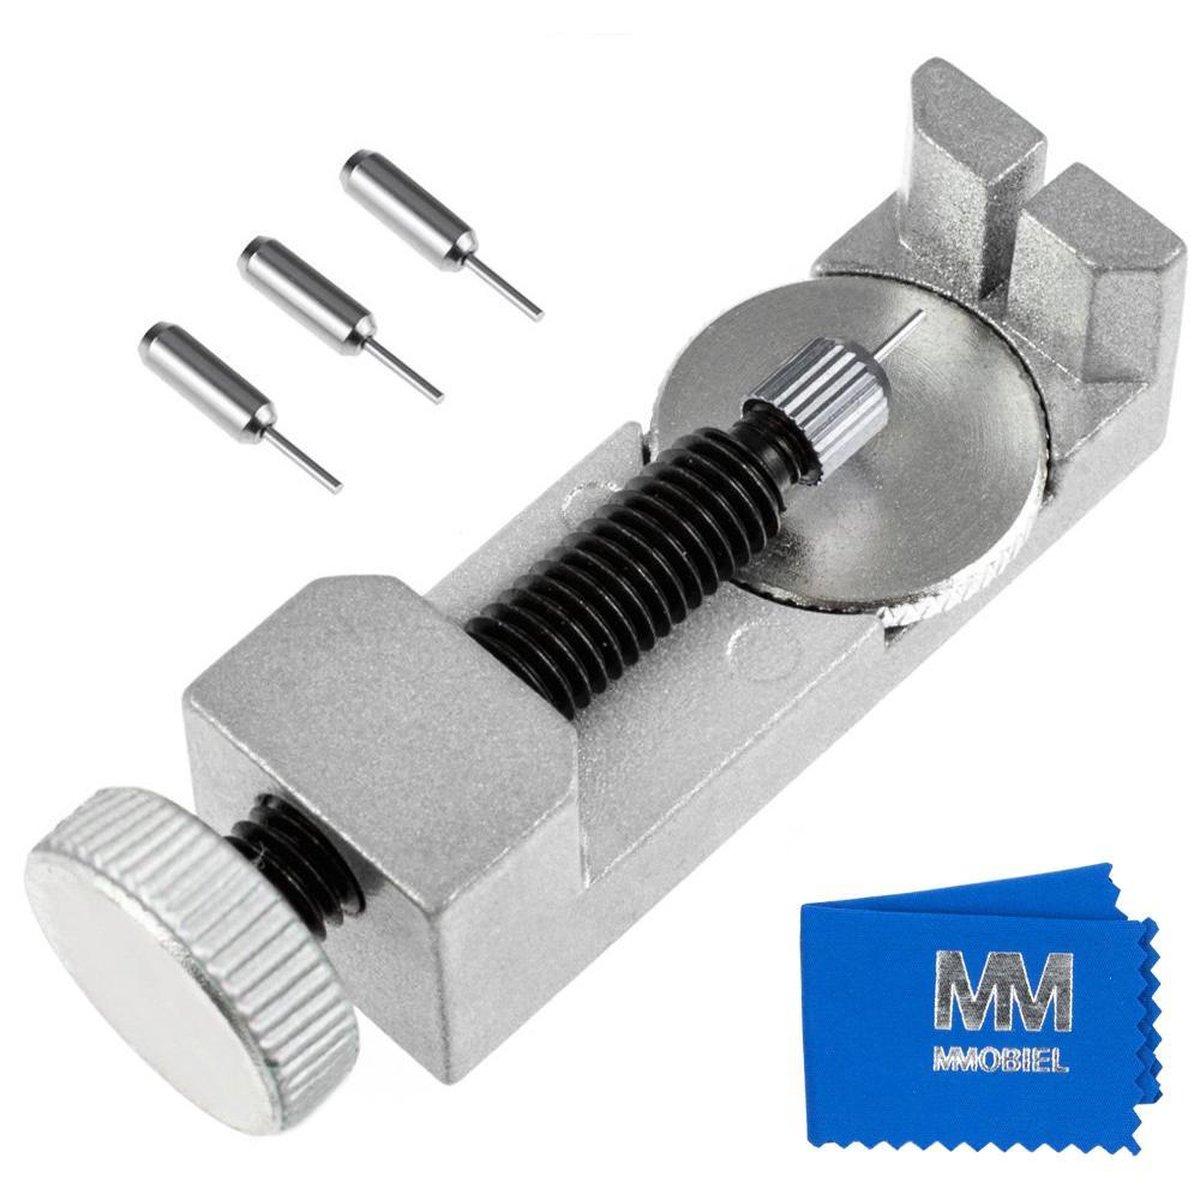 MMOBIEL Horloge Band Pin Verwijderaar Verstelbaar voor Horloge Reparaties incl. 3 Pinnen